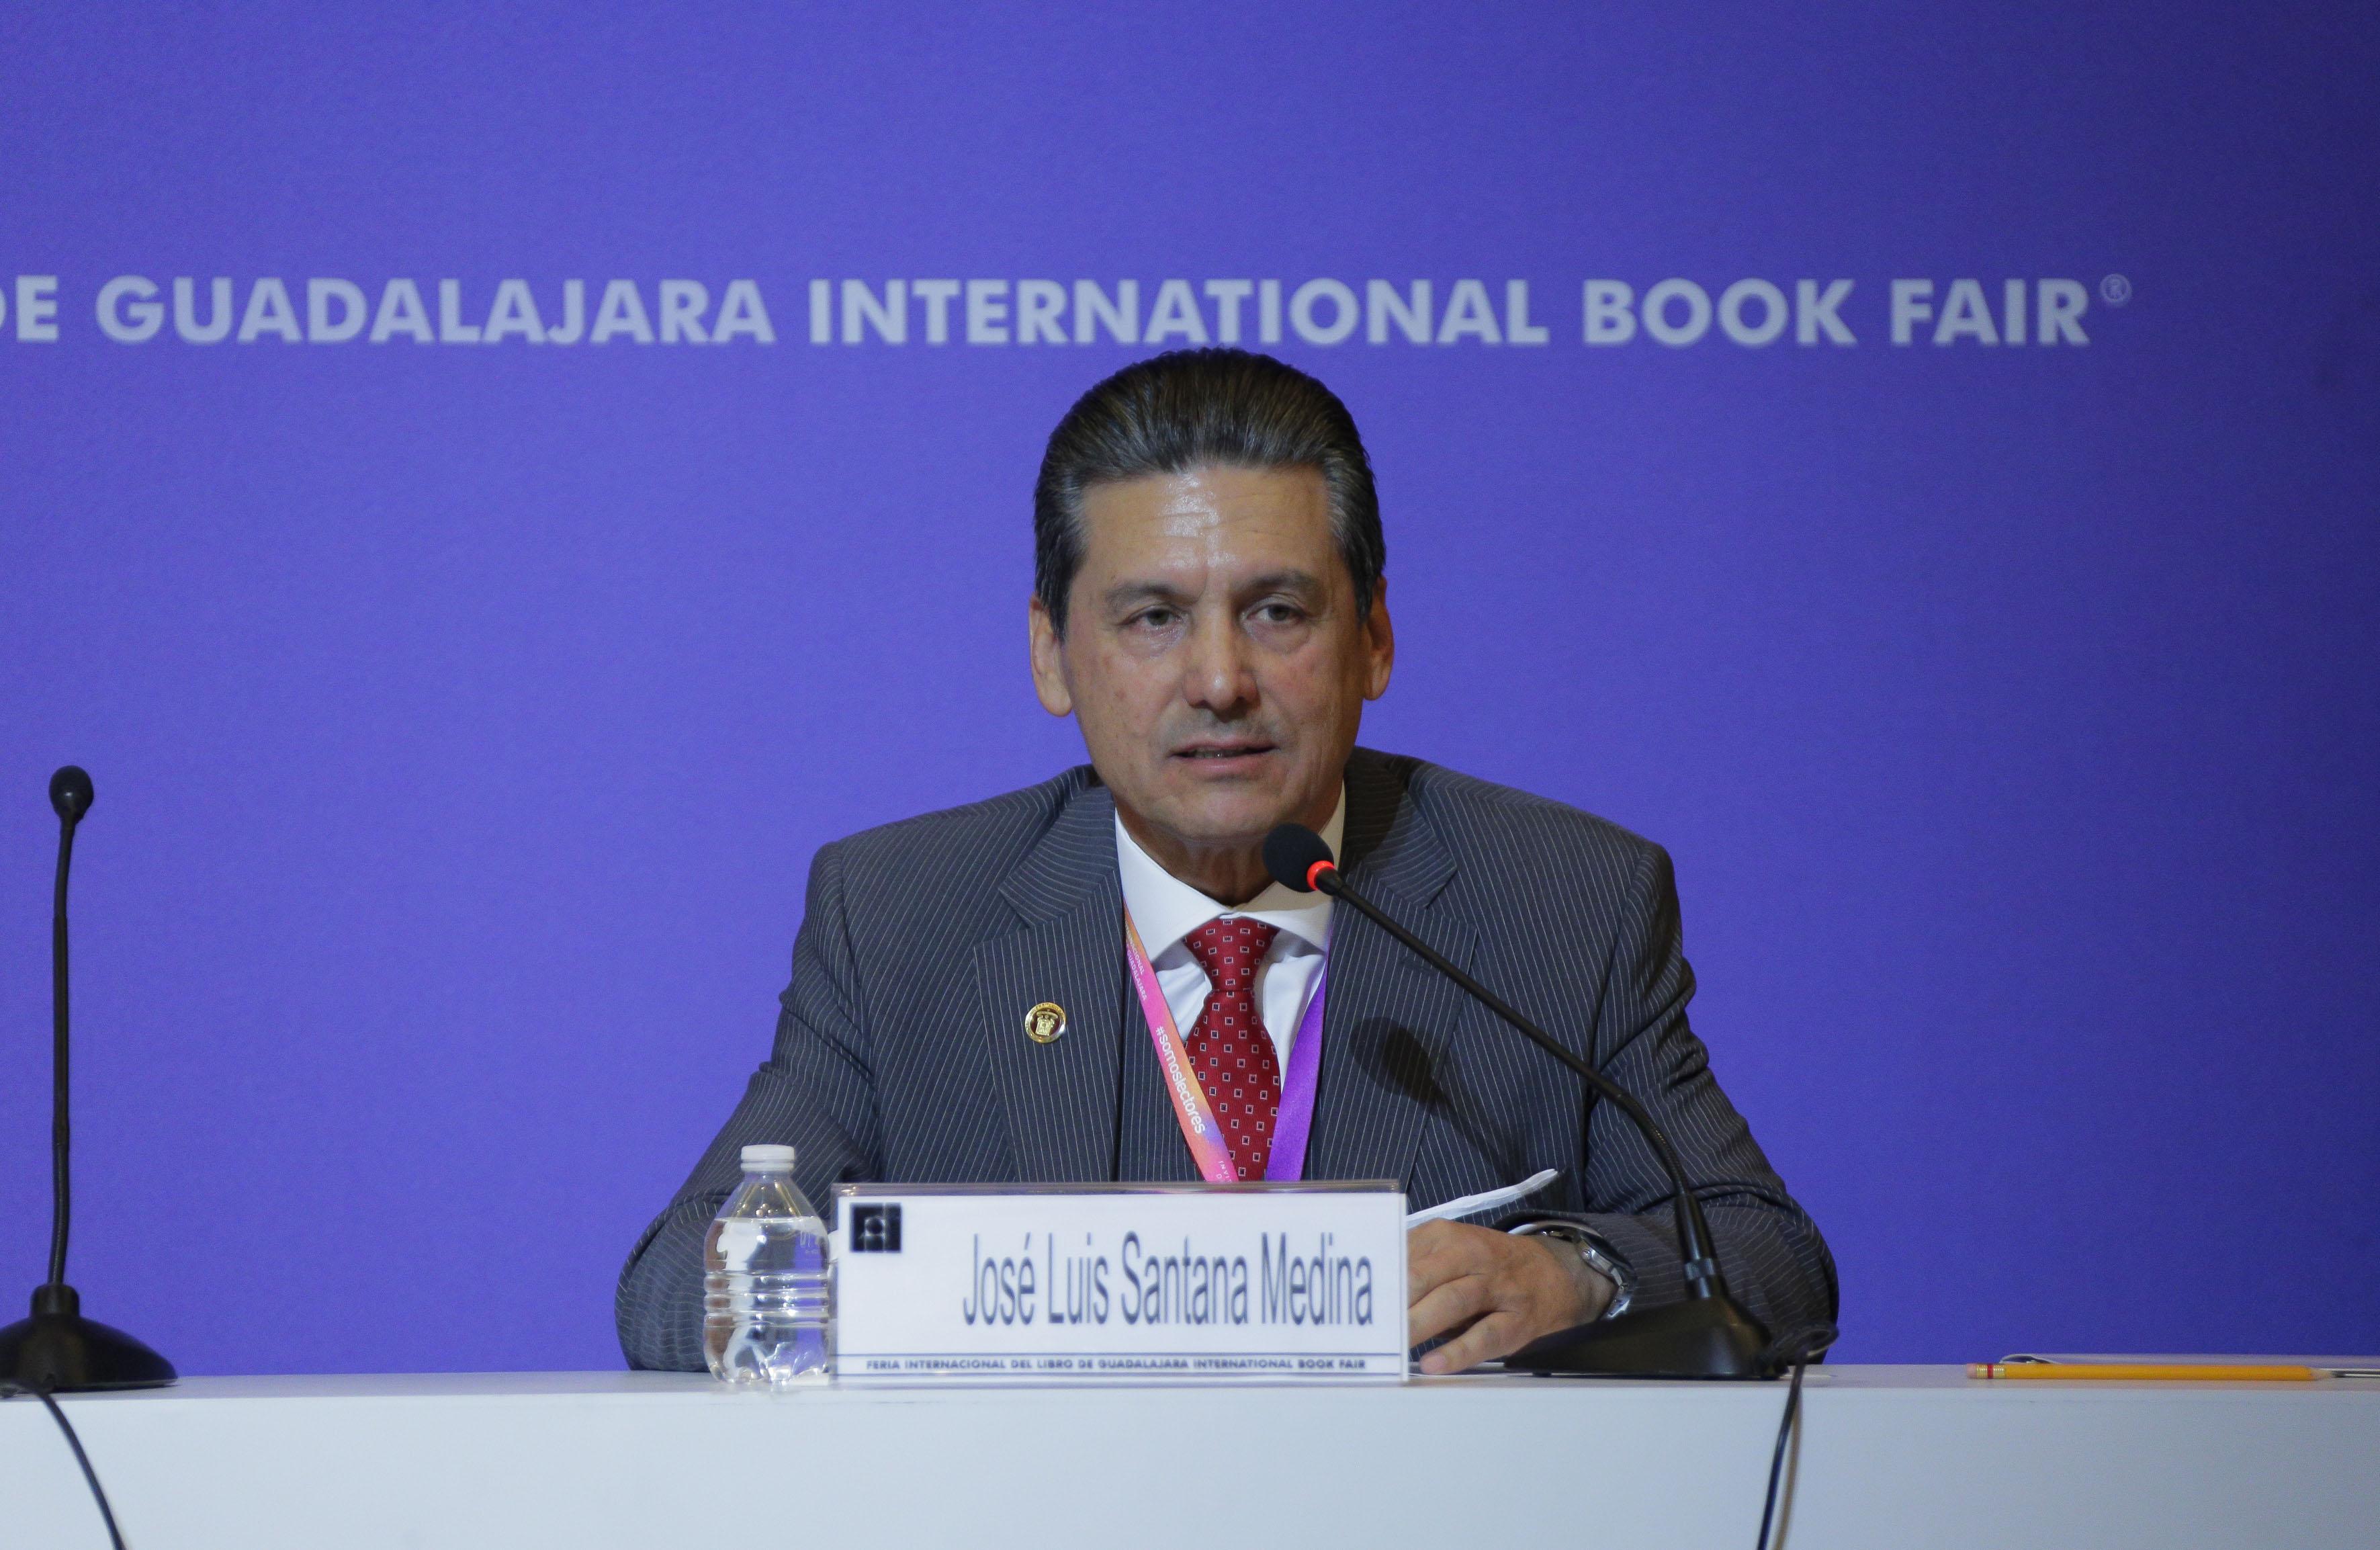 Jose Luis Santana Medina, haciendo uso de la palabra en el XIV Encuentro de Humanistas,